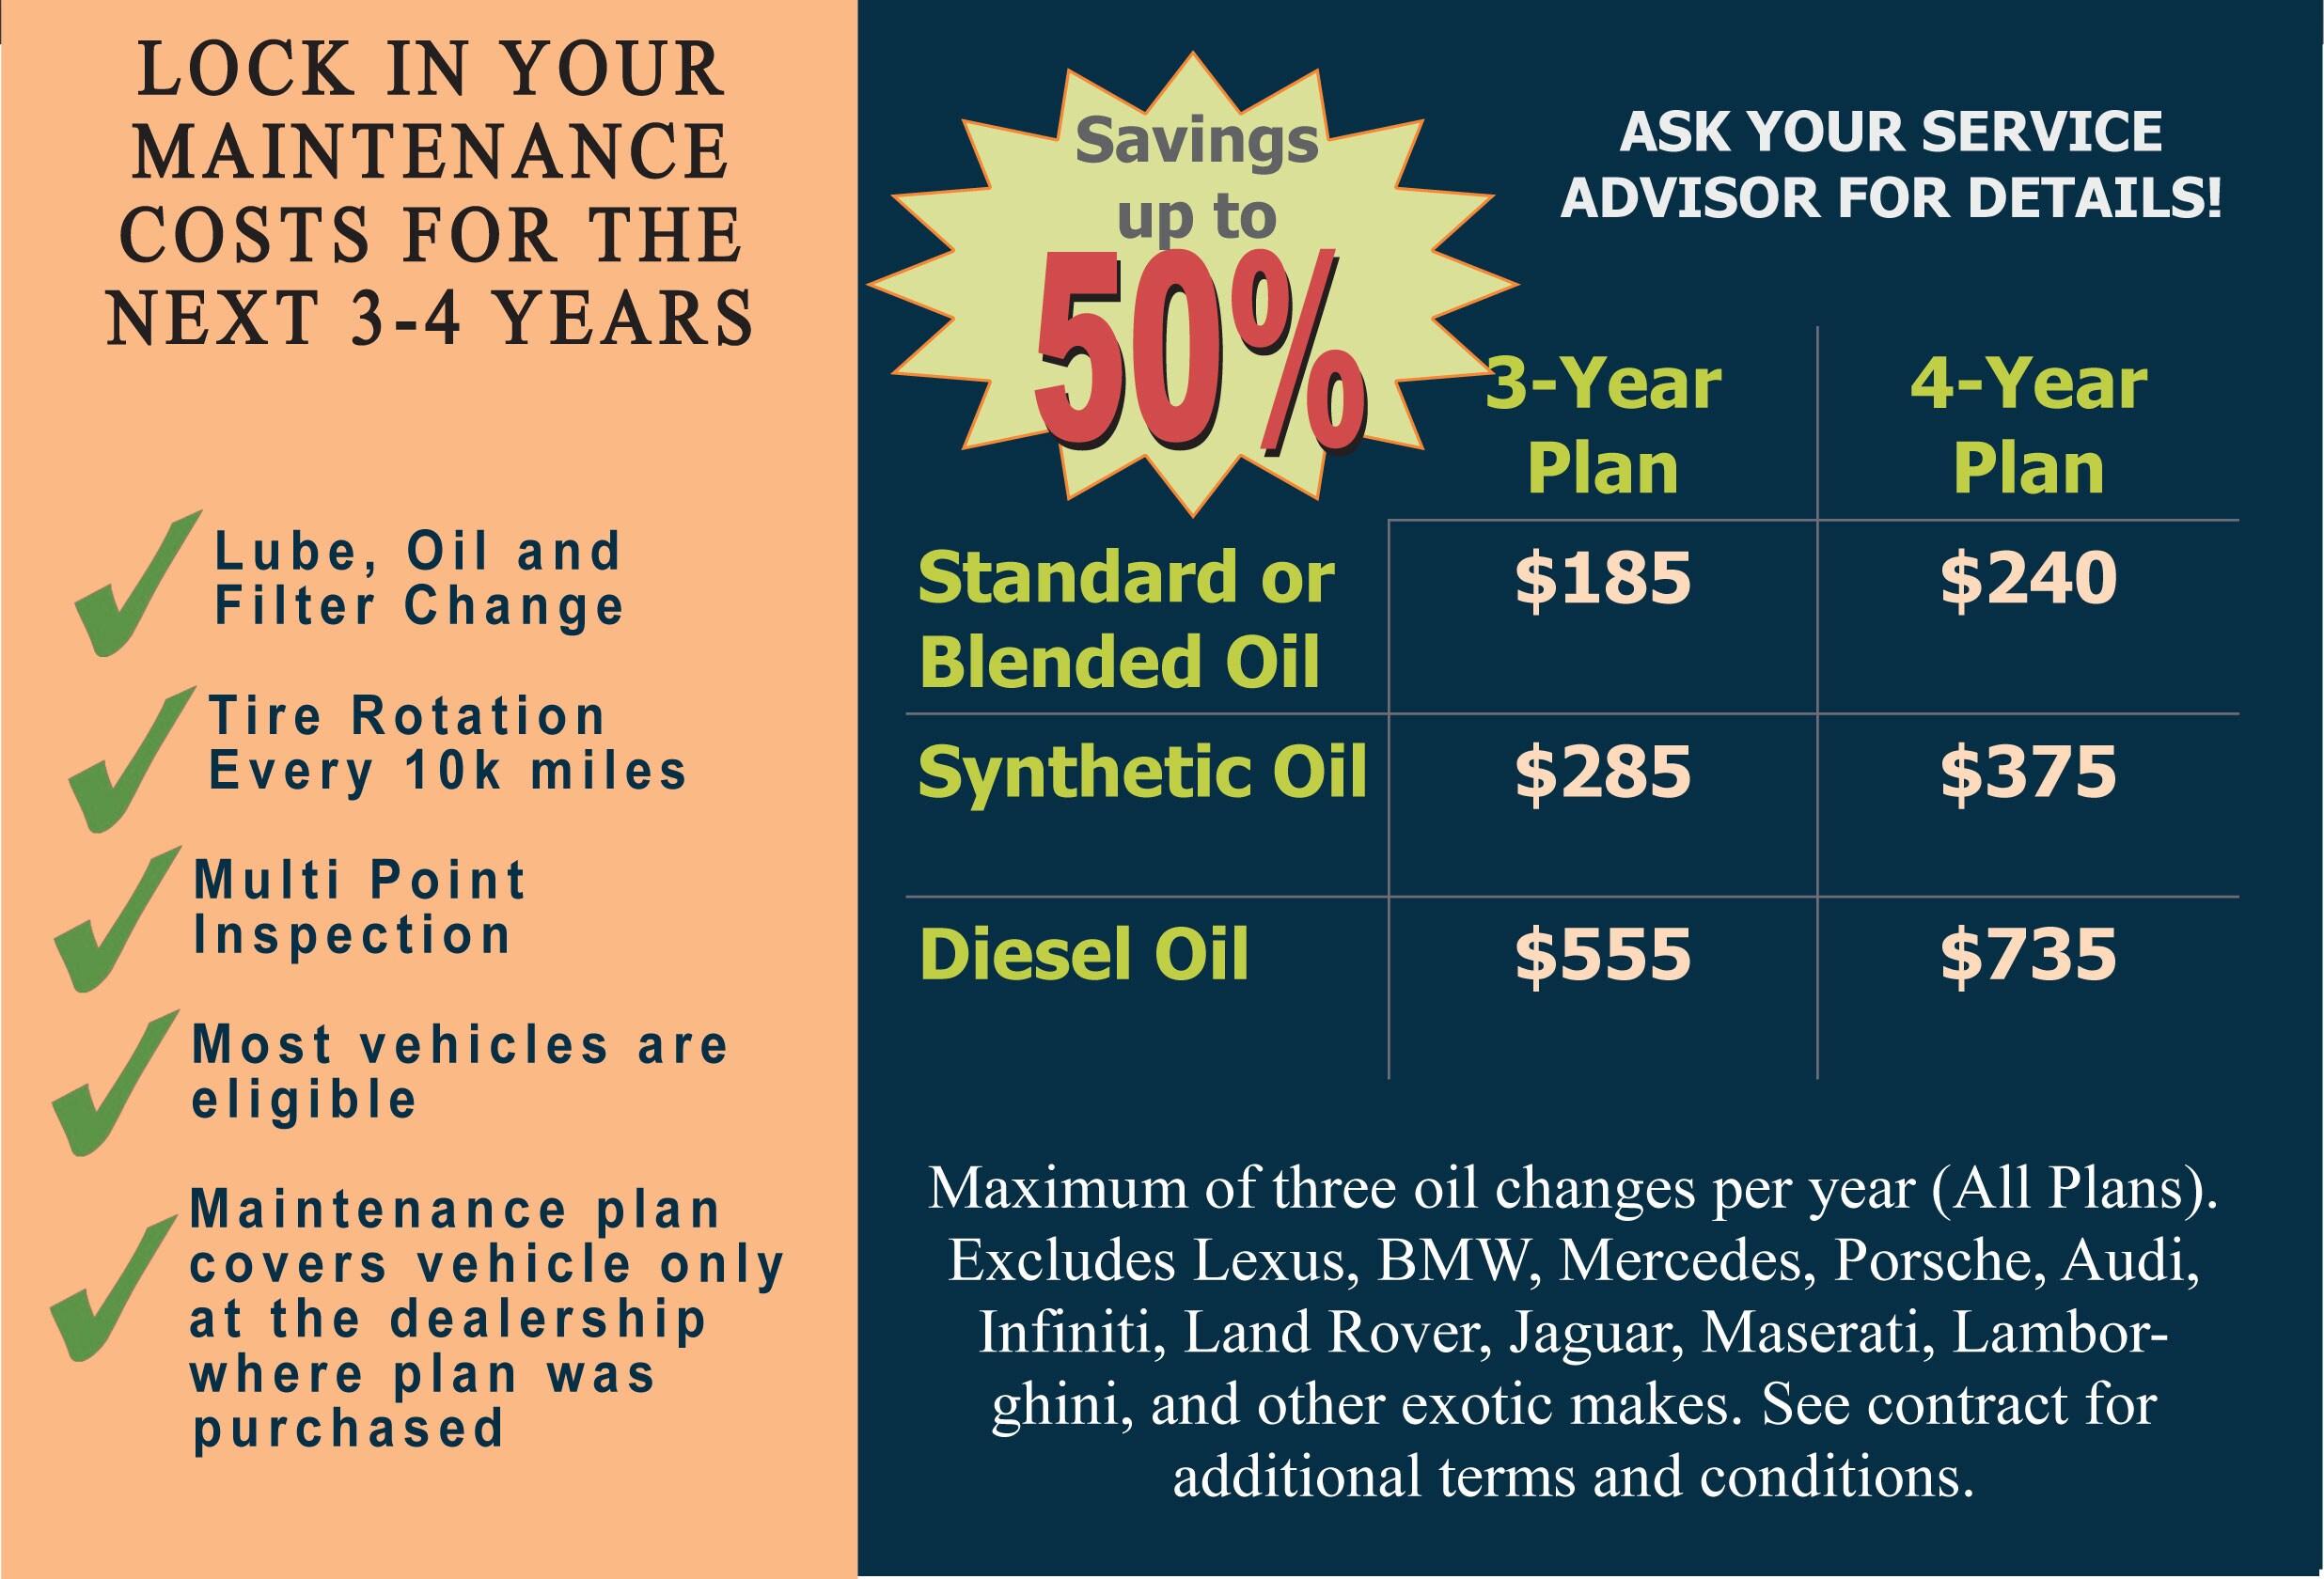 Mazda Oil Change Coupons Orlando Hedonism Ii Last Minute